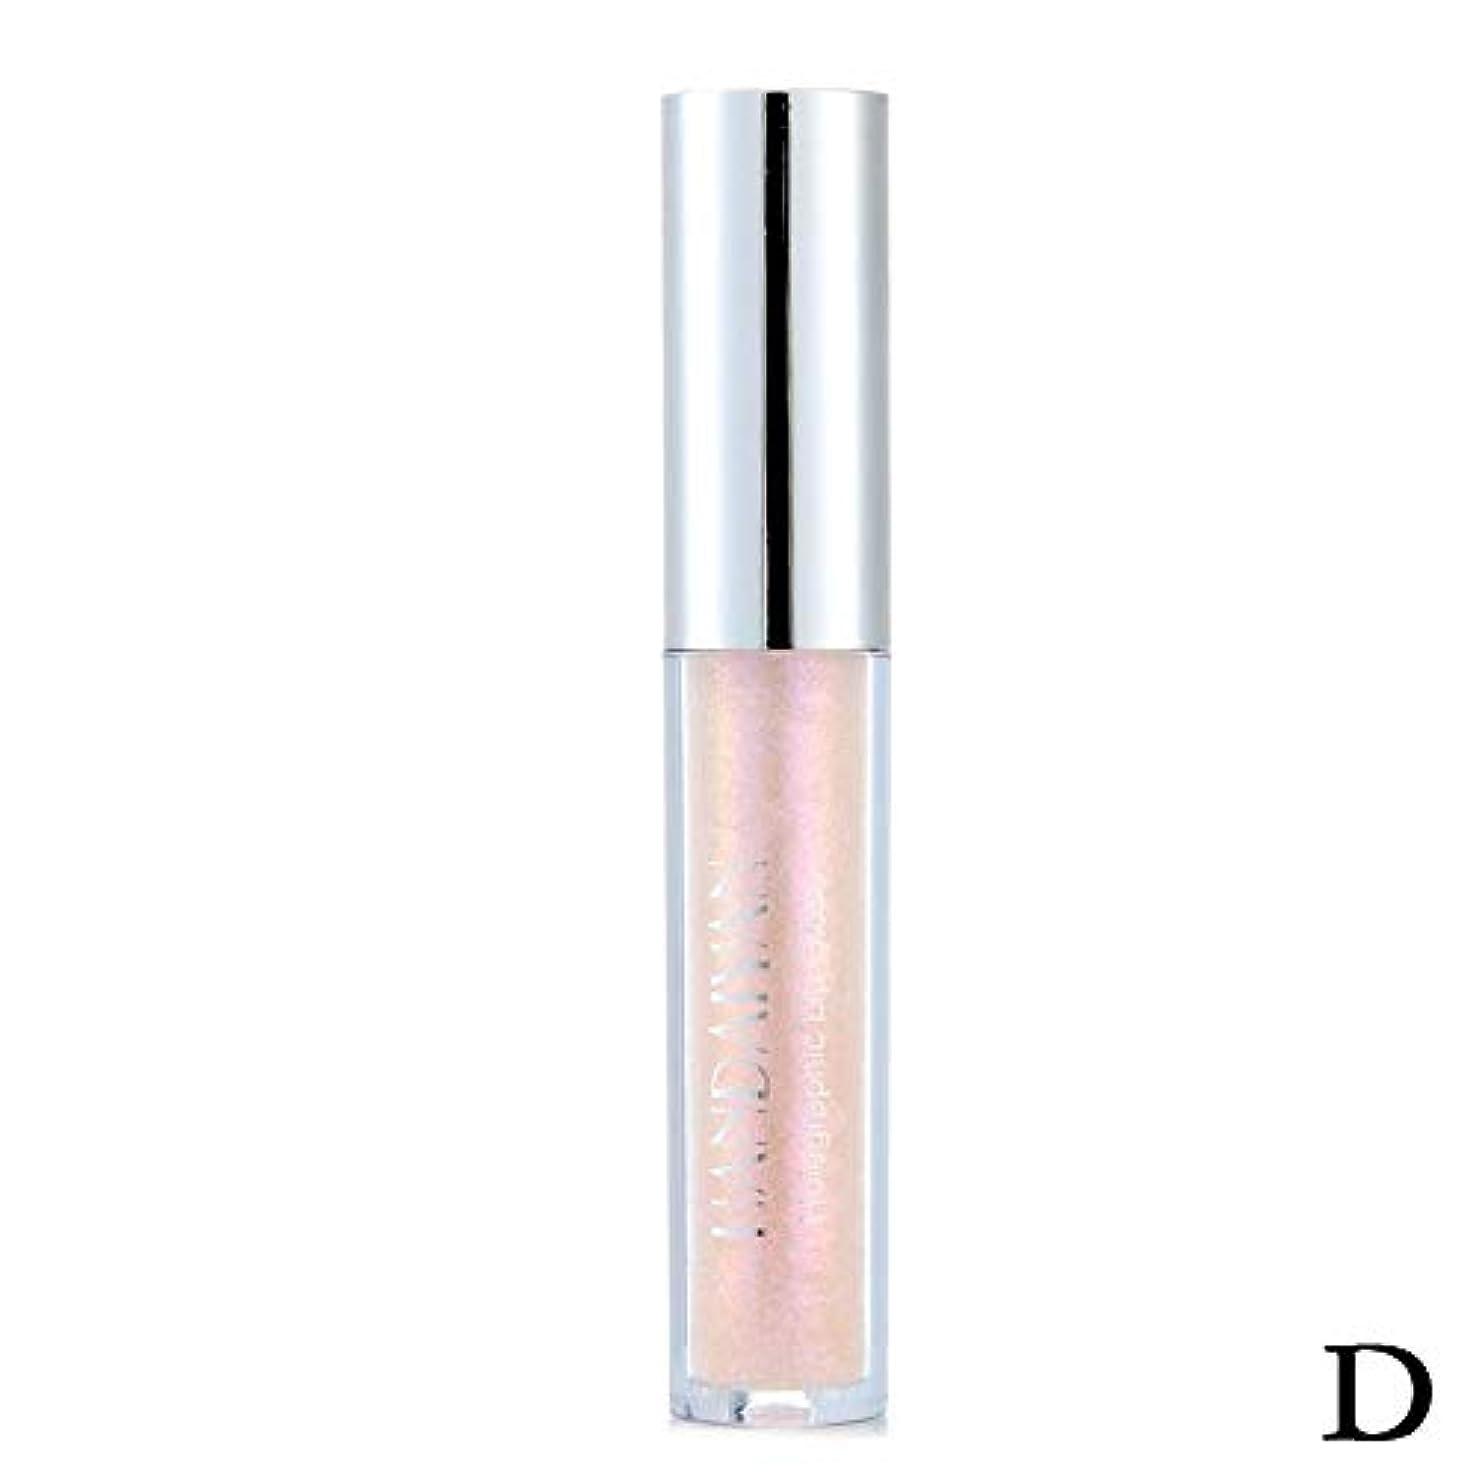 病強化適性BETTER YOU (ベター ュー) 偏光リップグレーズ、栄養唇、化粧なし、防水性、非粘着性カップ